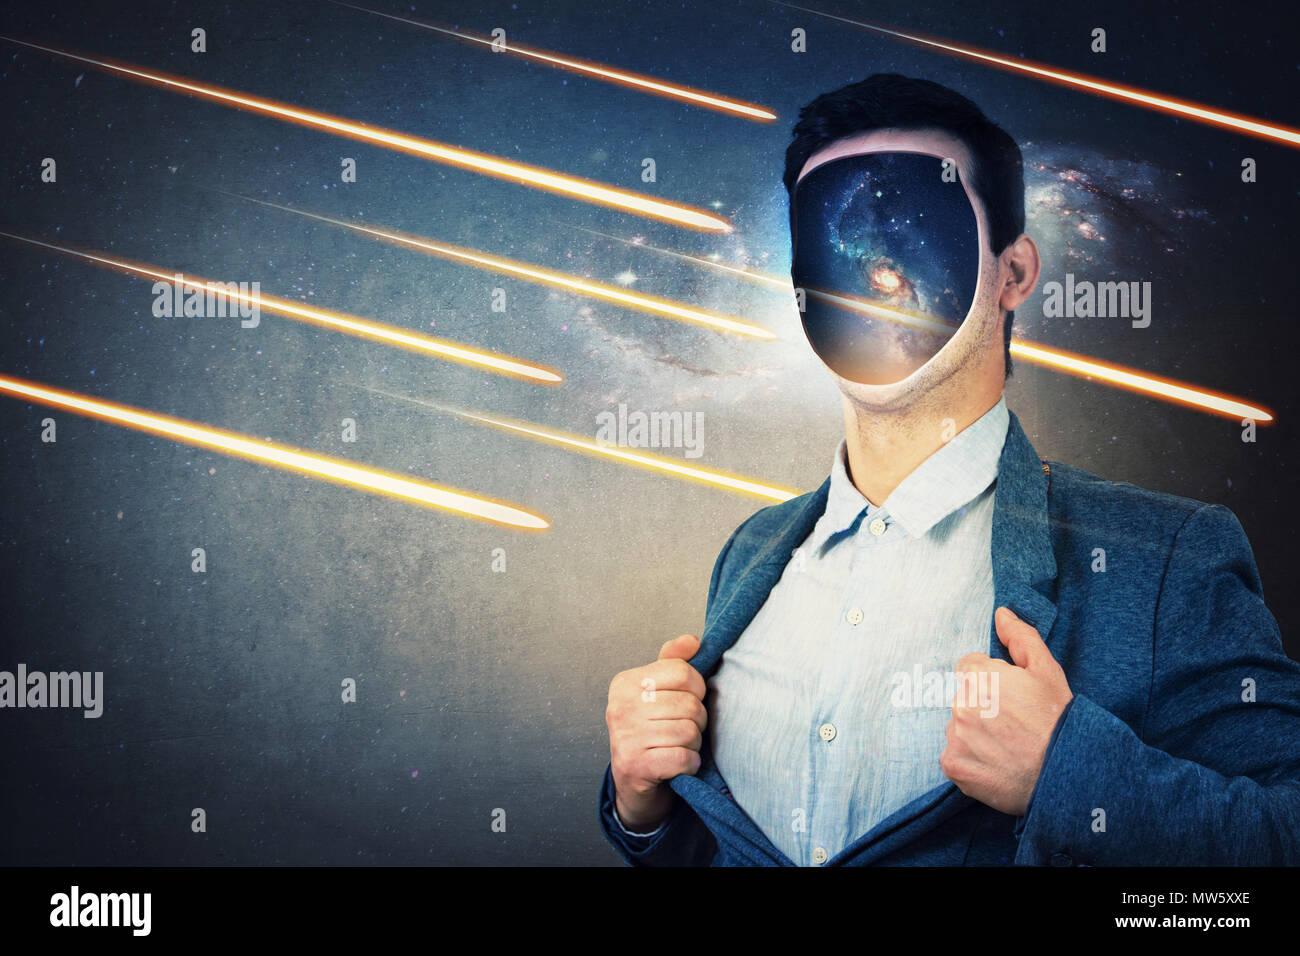 Jeune homme avec cosmos plutôt que son visage, arrachant sa veste. Galaxy espace à l'intérieur de la tête humaine. Fantasy futuristic background avec la chute de comètes et Photo Stock